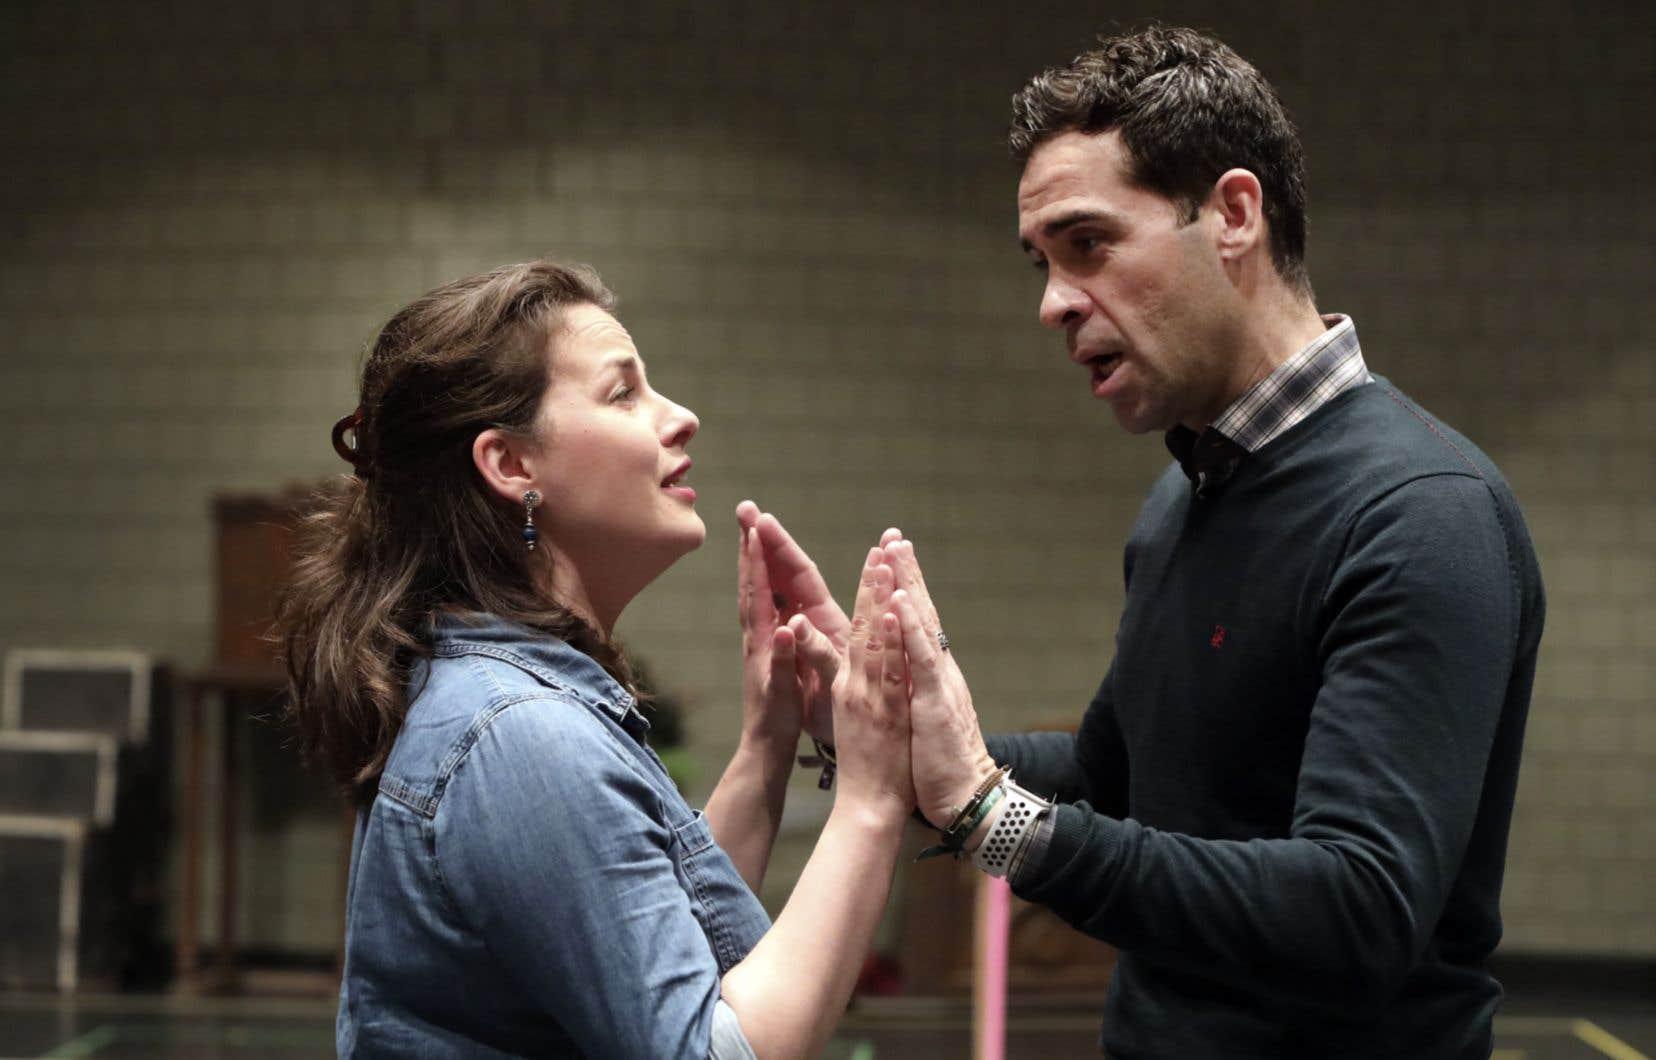 Marie-Ève Munger et Ismael Jordi en répétition cette semaine pour créer l'alchimie parfaite sur scène, samedi prochain